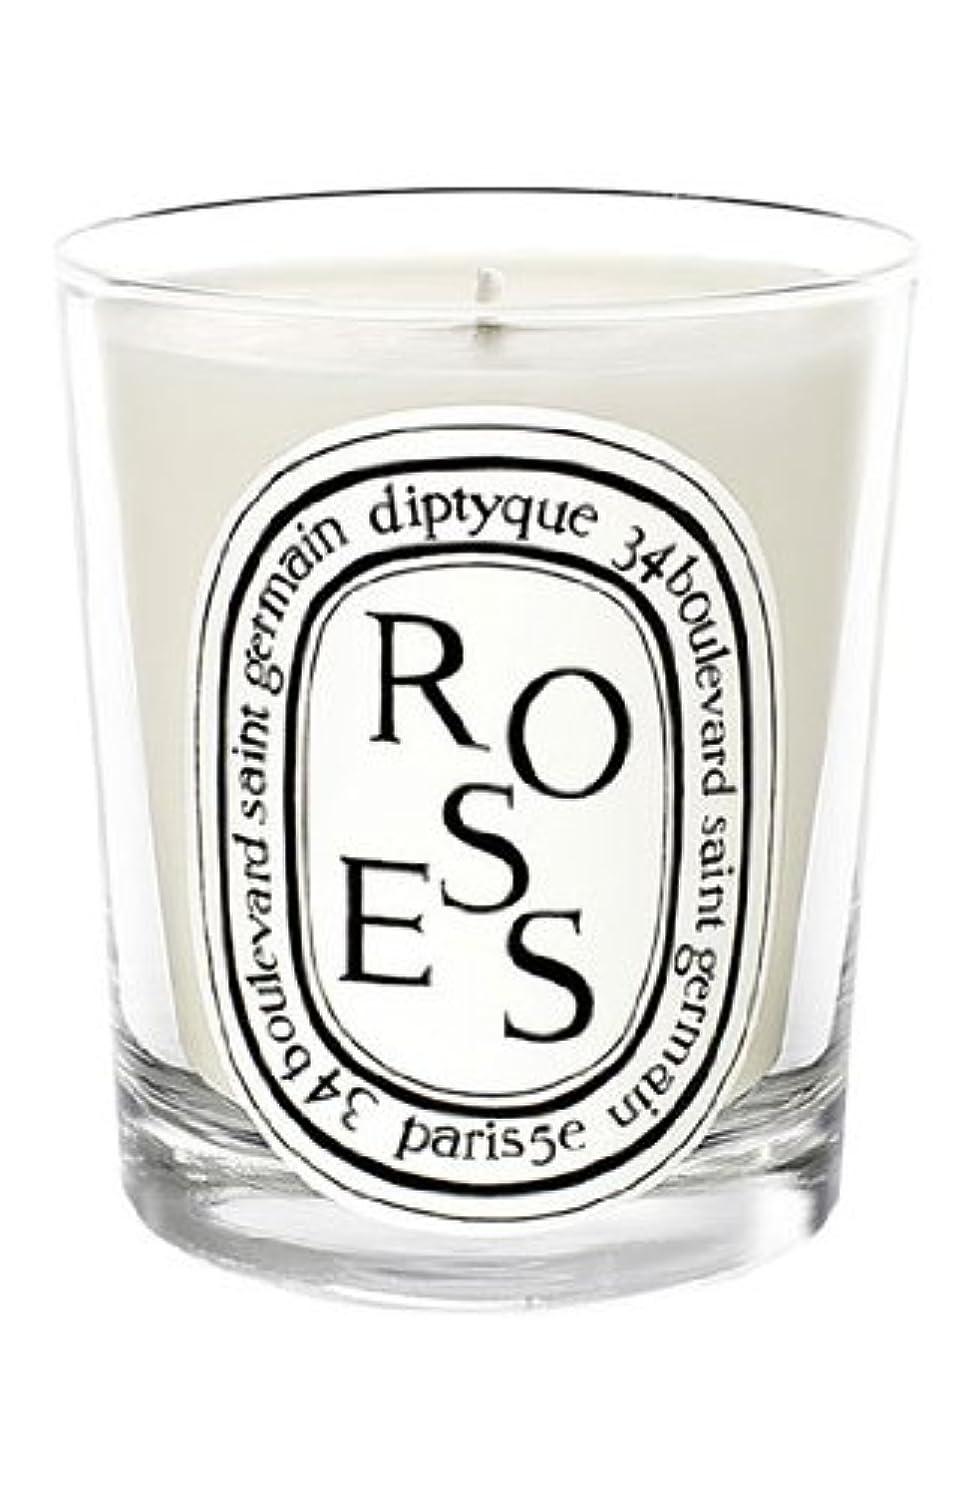 に応じて交通渋滞調べるDiptyque - Roses Candle (ディプティック ロージーズ キャンドル) 70 g